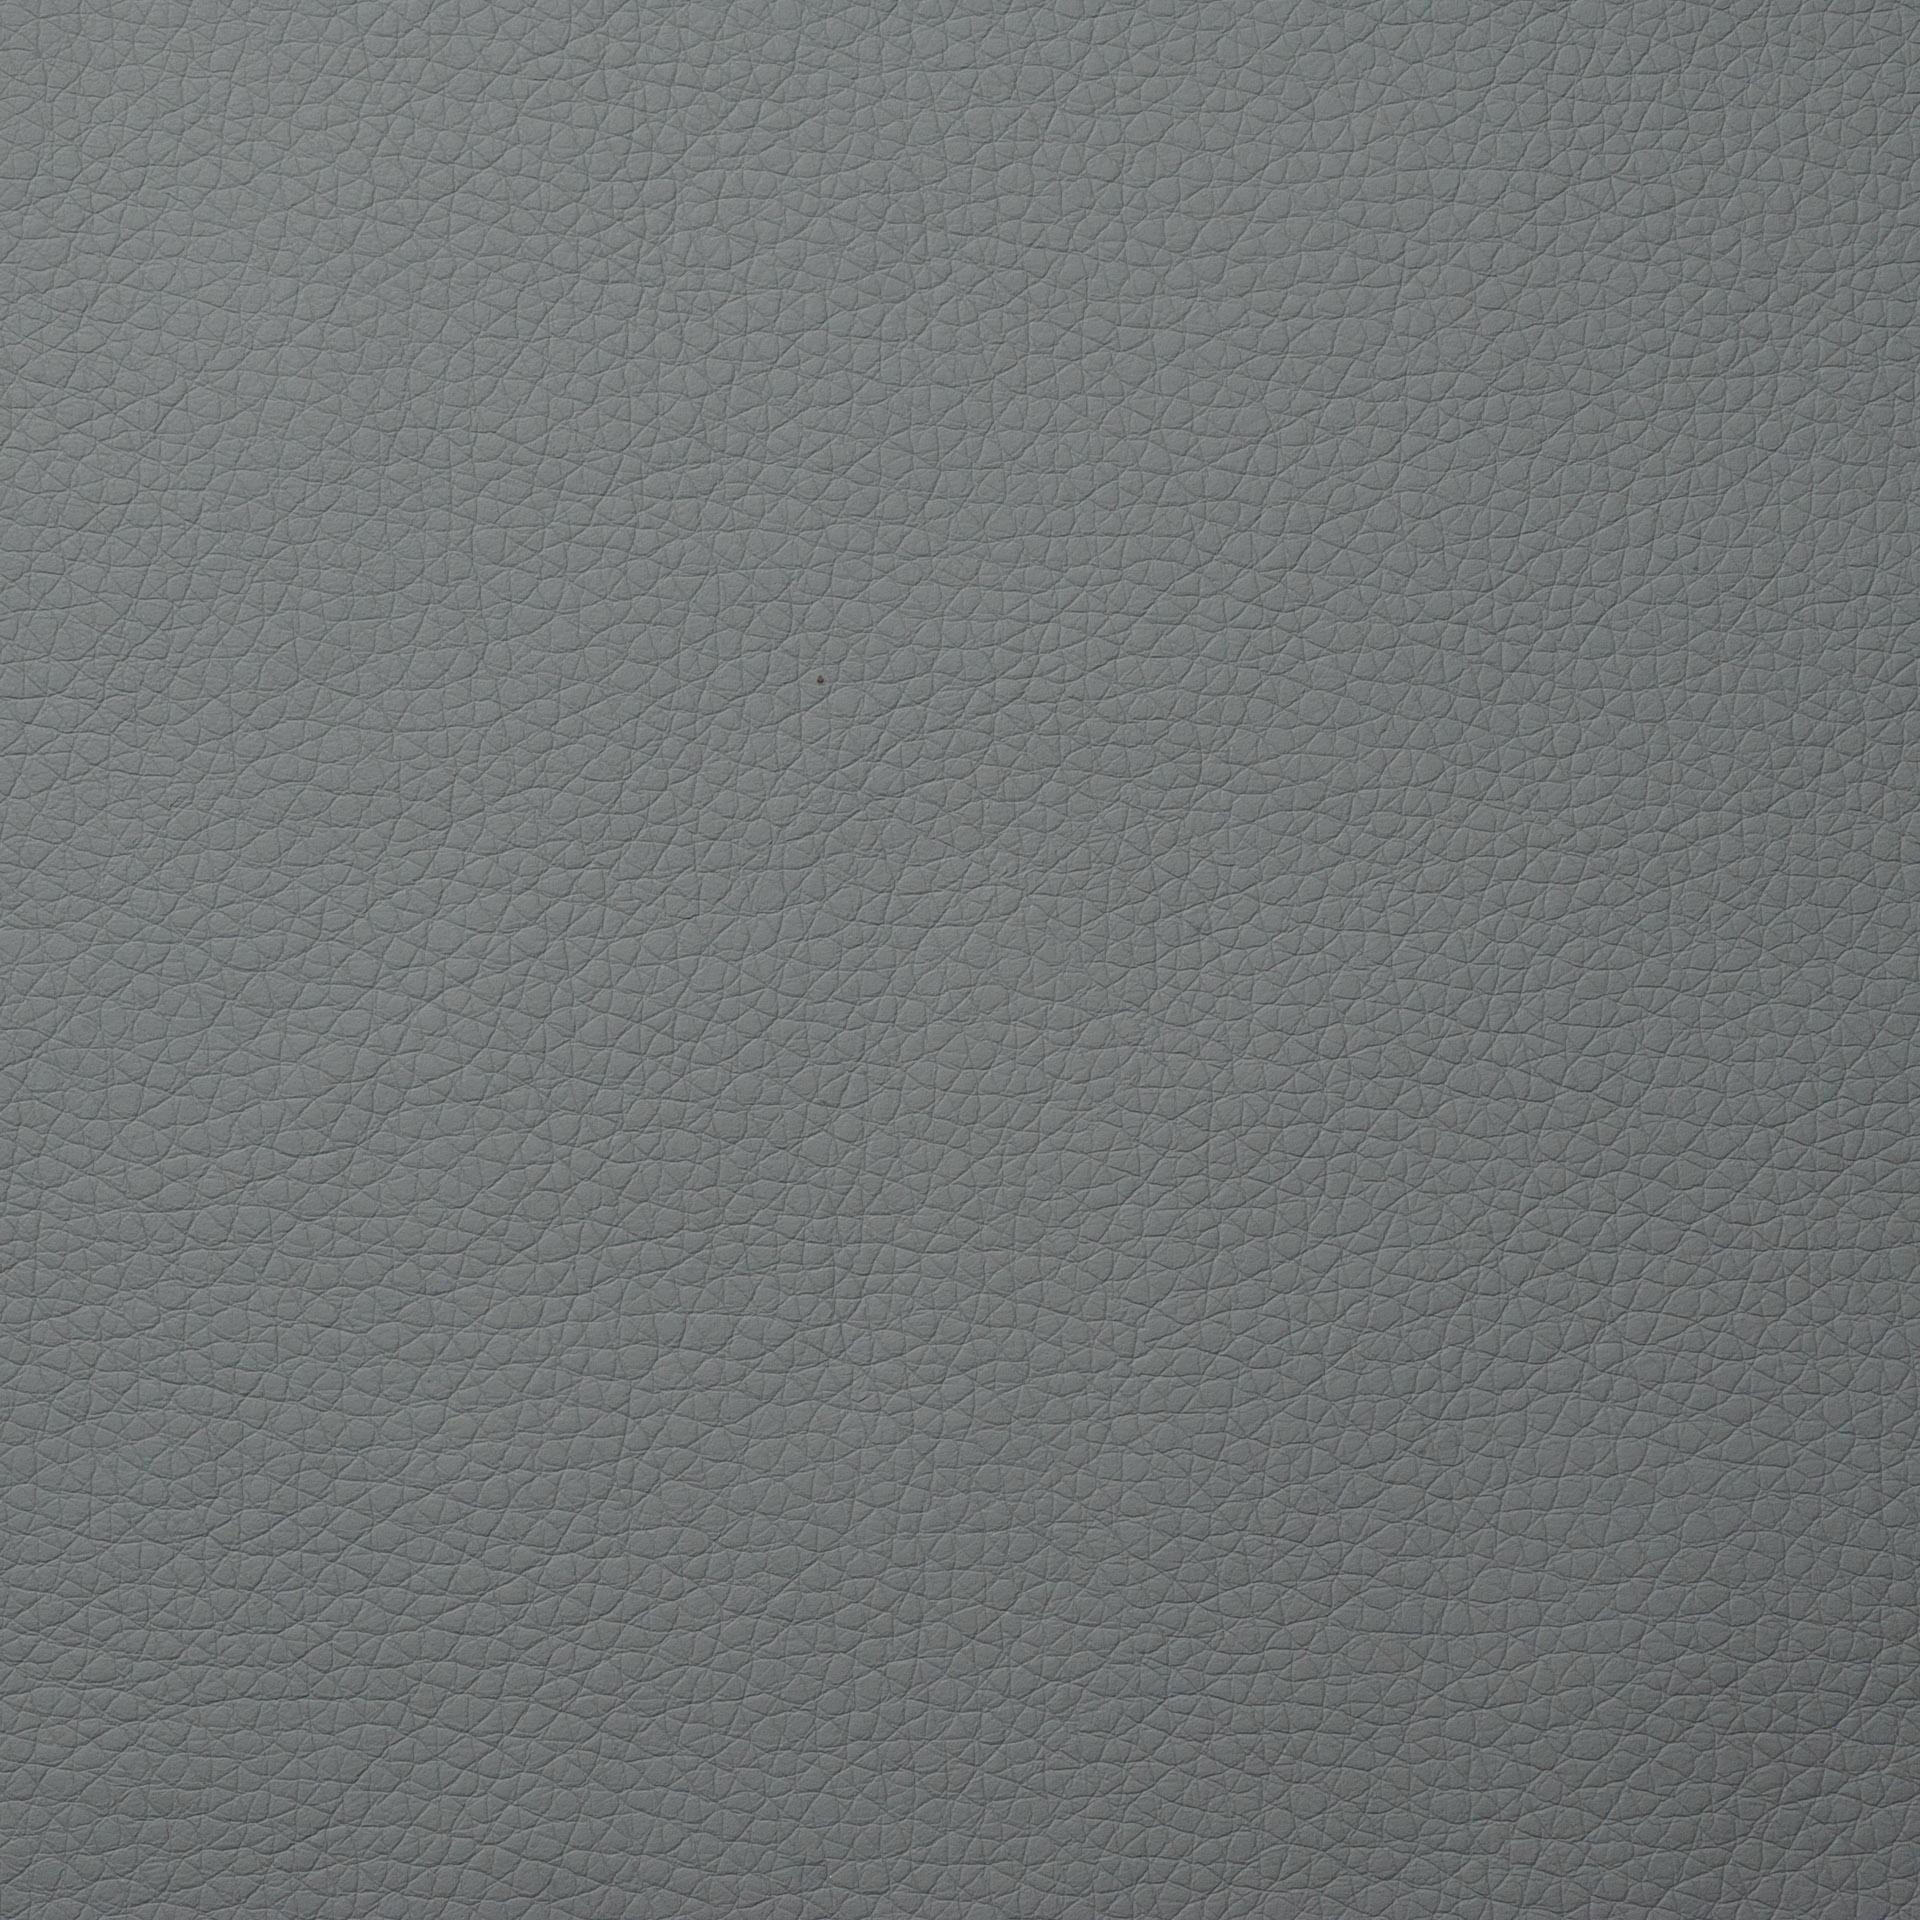 Коллекция ткани Флай 2232,  купить ткань Кож зам для мебели Украина